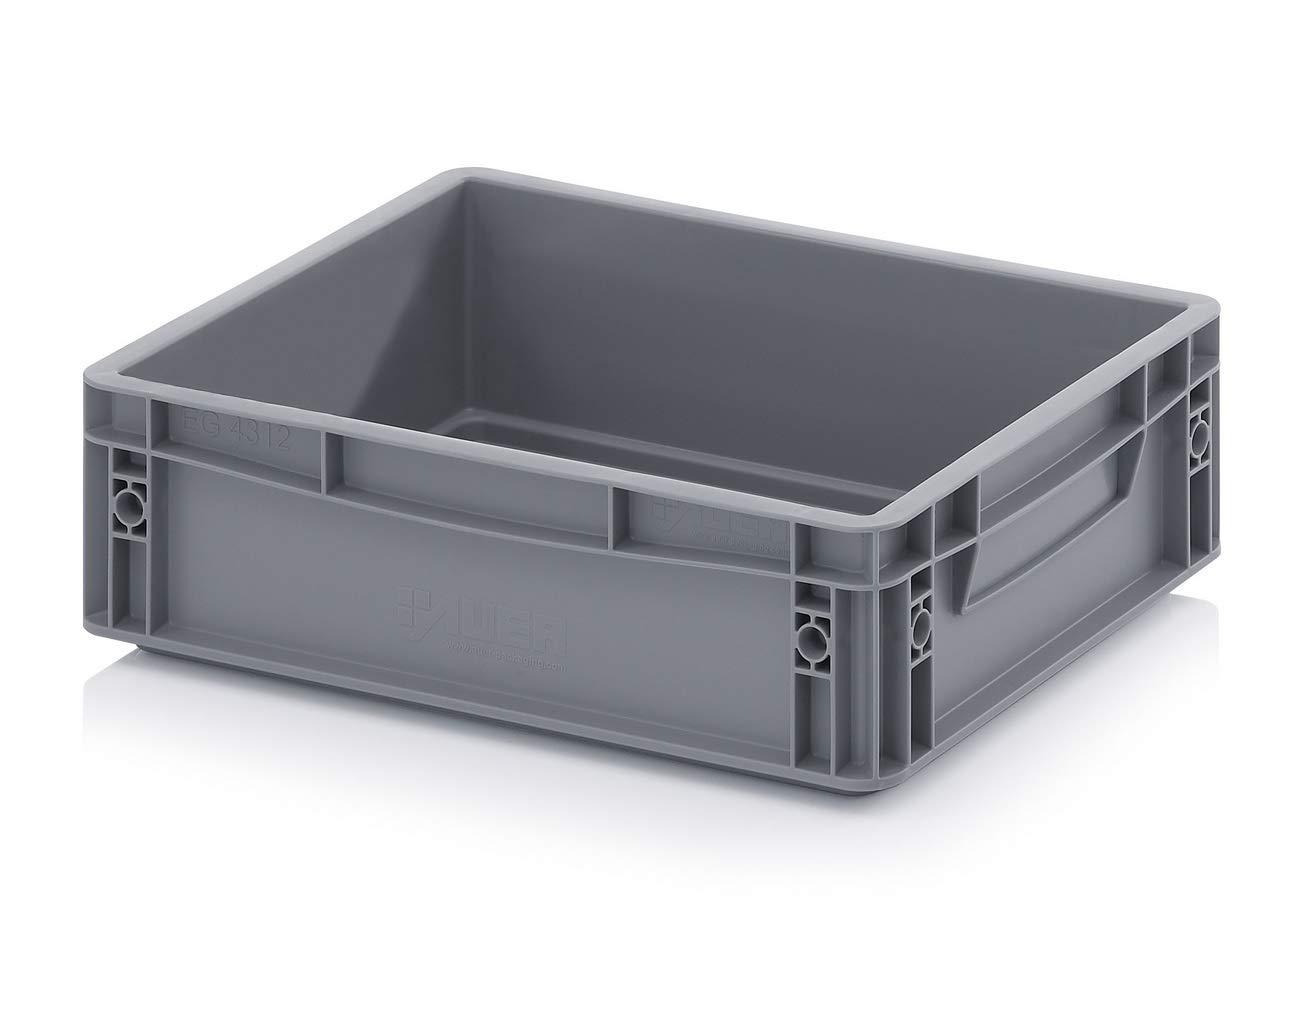 10 x 10 litros de plástico de alta resistencia de almacenamiento unidades cajas gris (10 unidades): Amazon.es: Bricolaje y herramientas